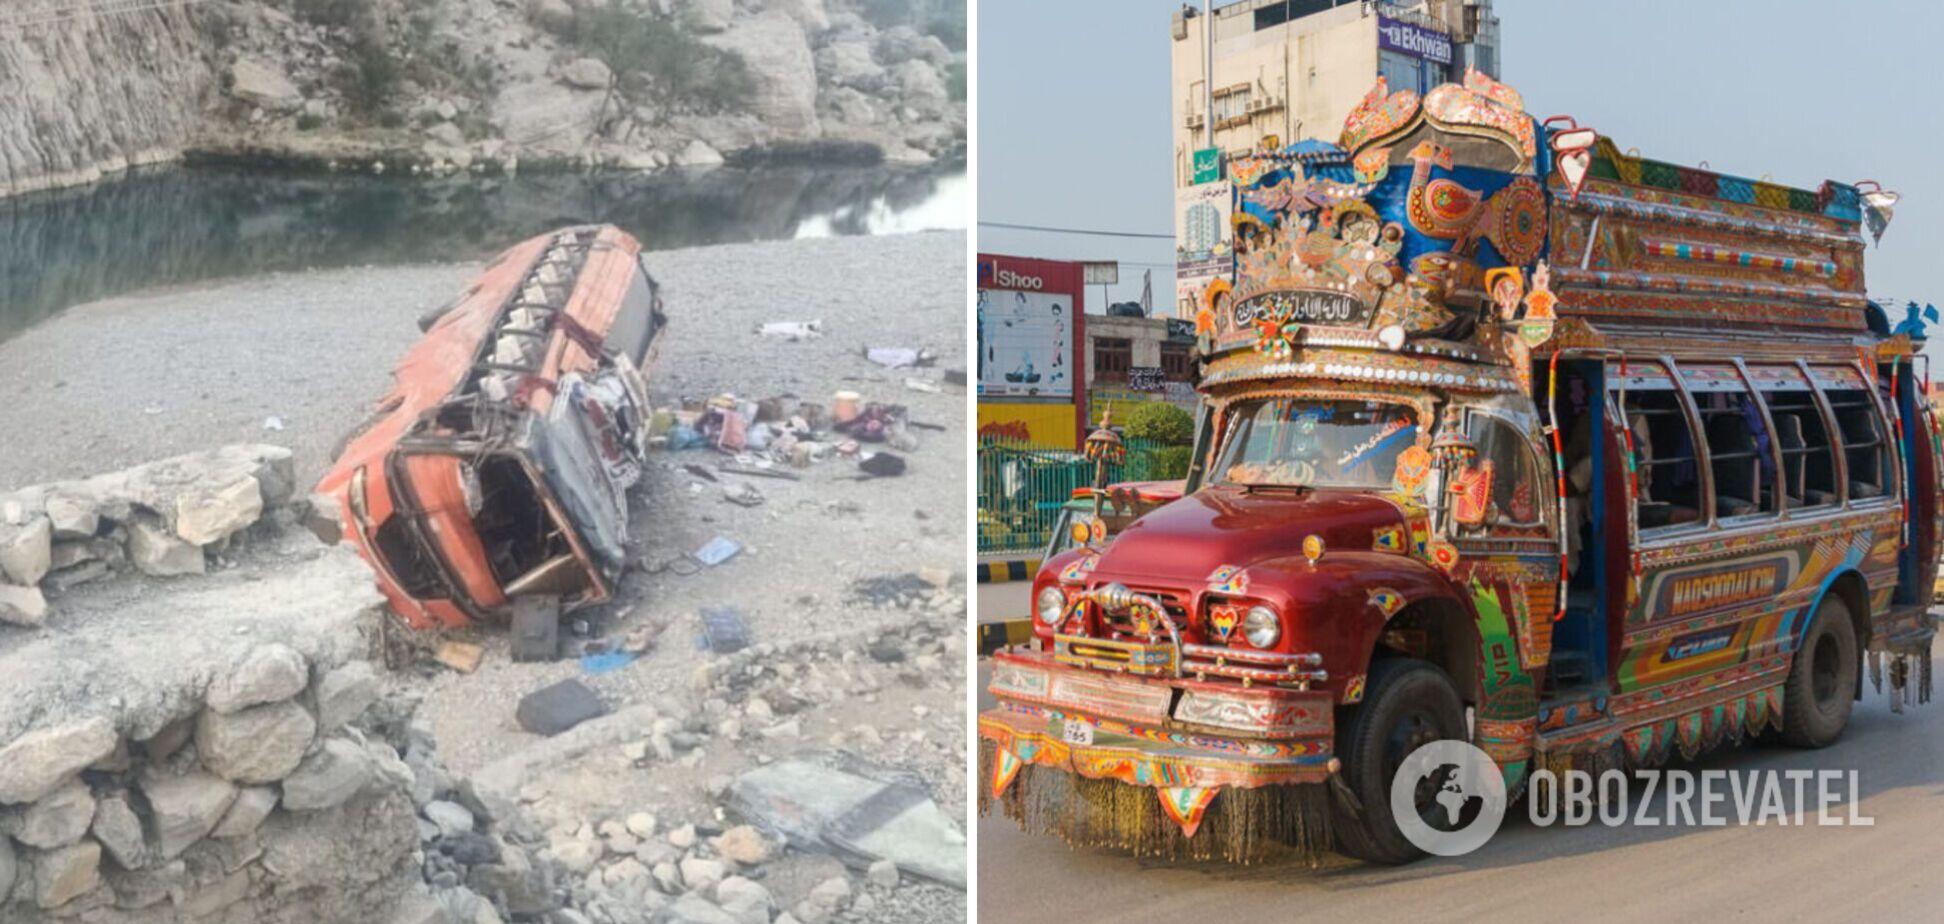 ДТП зі смертельними наслідками – звичайна справа в Пакистані